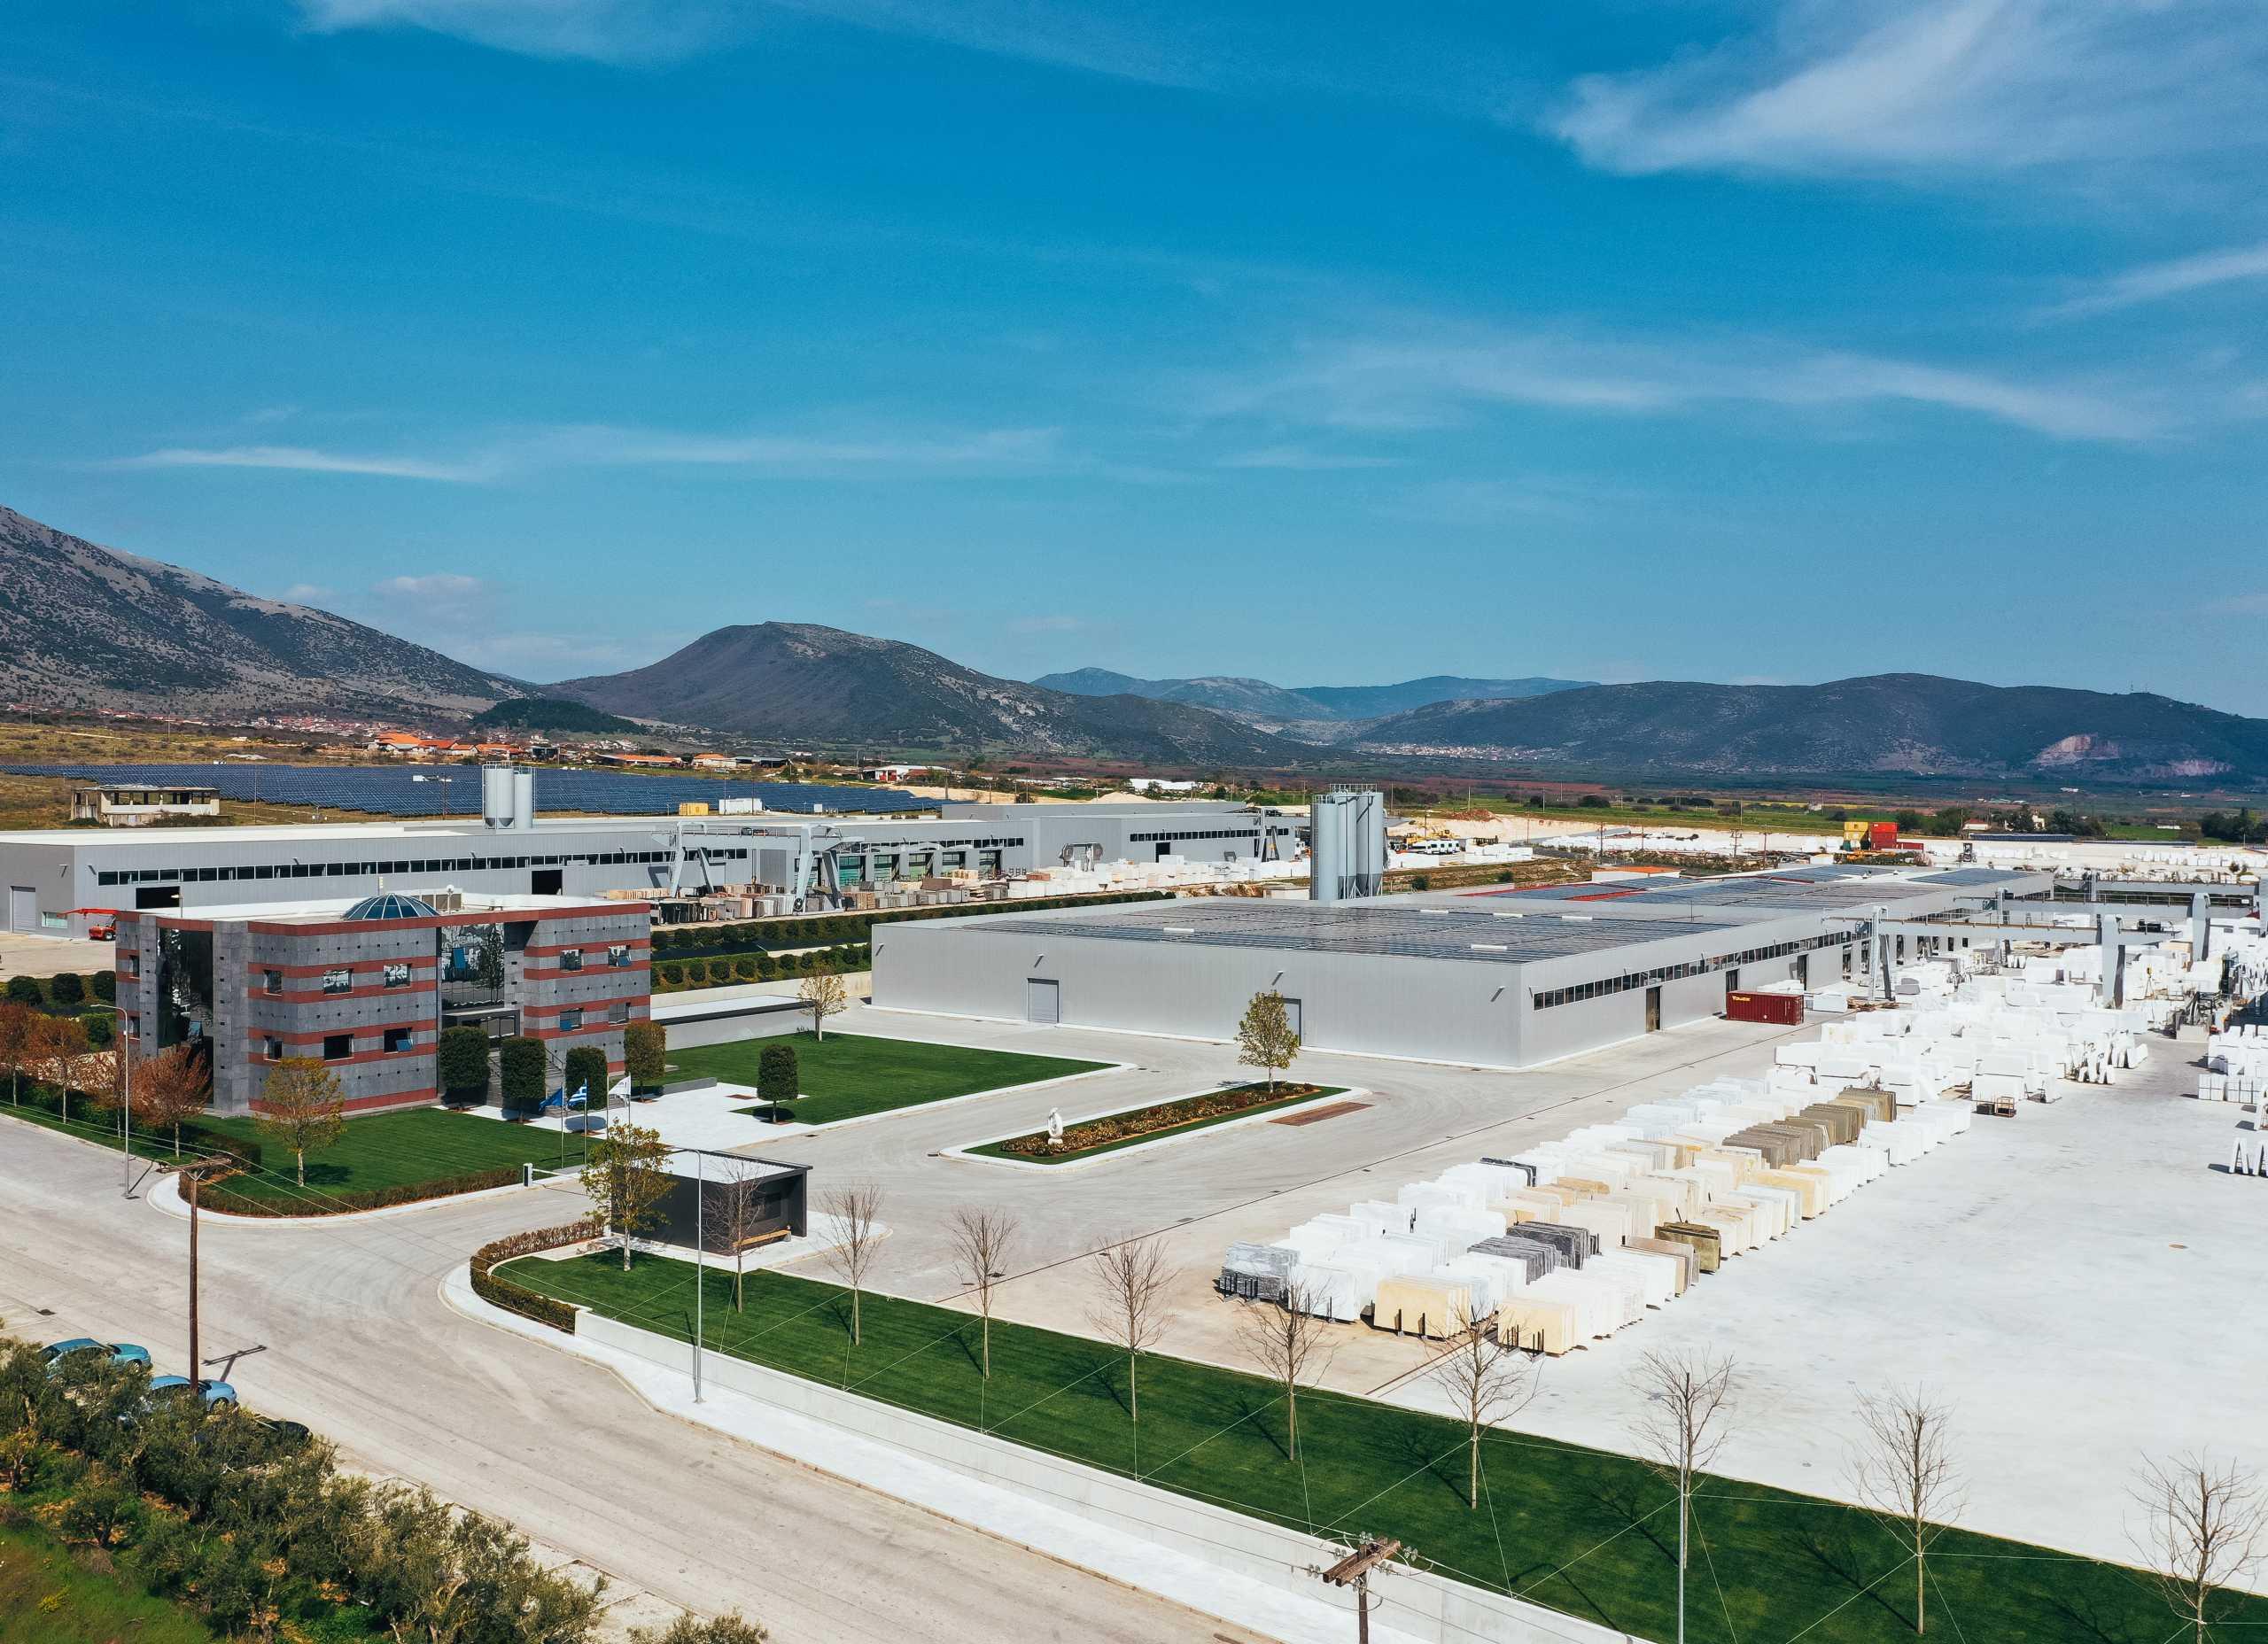 Παυλίδης: Τζίρος 100 εκατ. ευρώ για την ελληνική βιομηχανία που εξάγει μάρμαρα και επενδύει σε ενέργεια